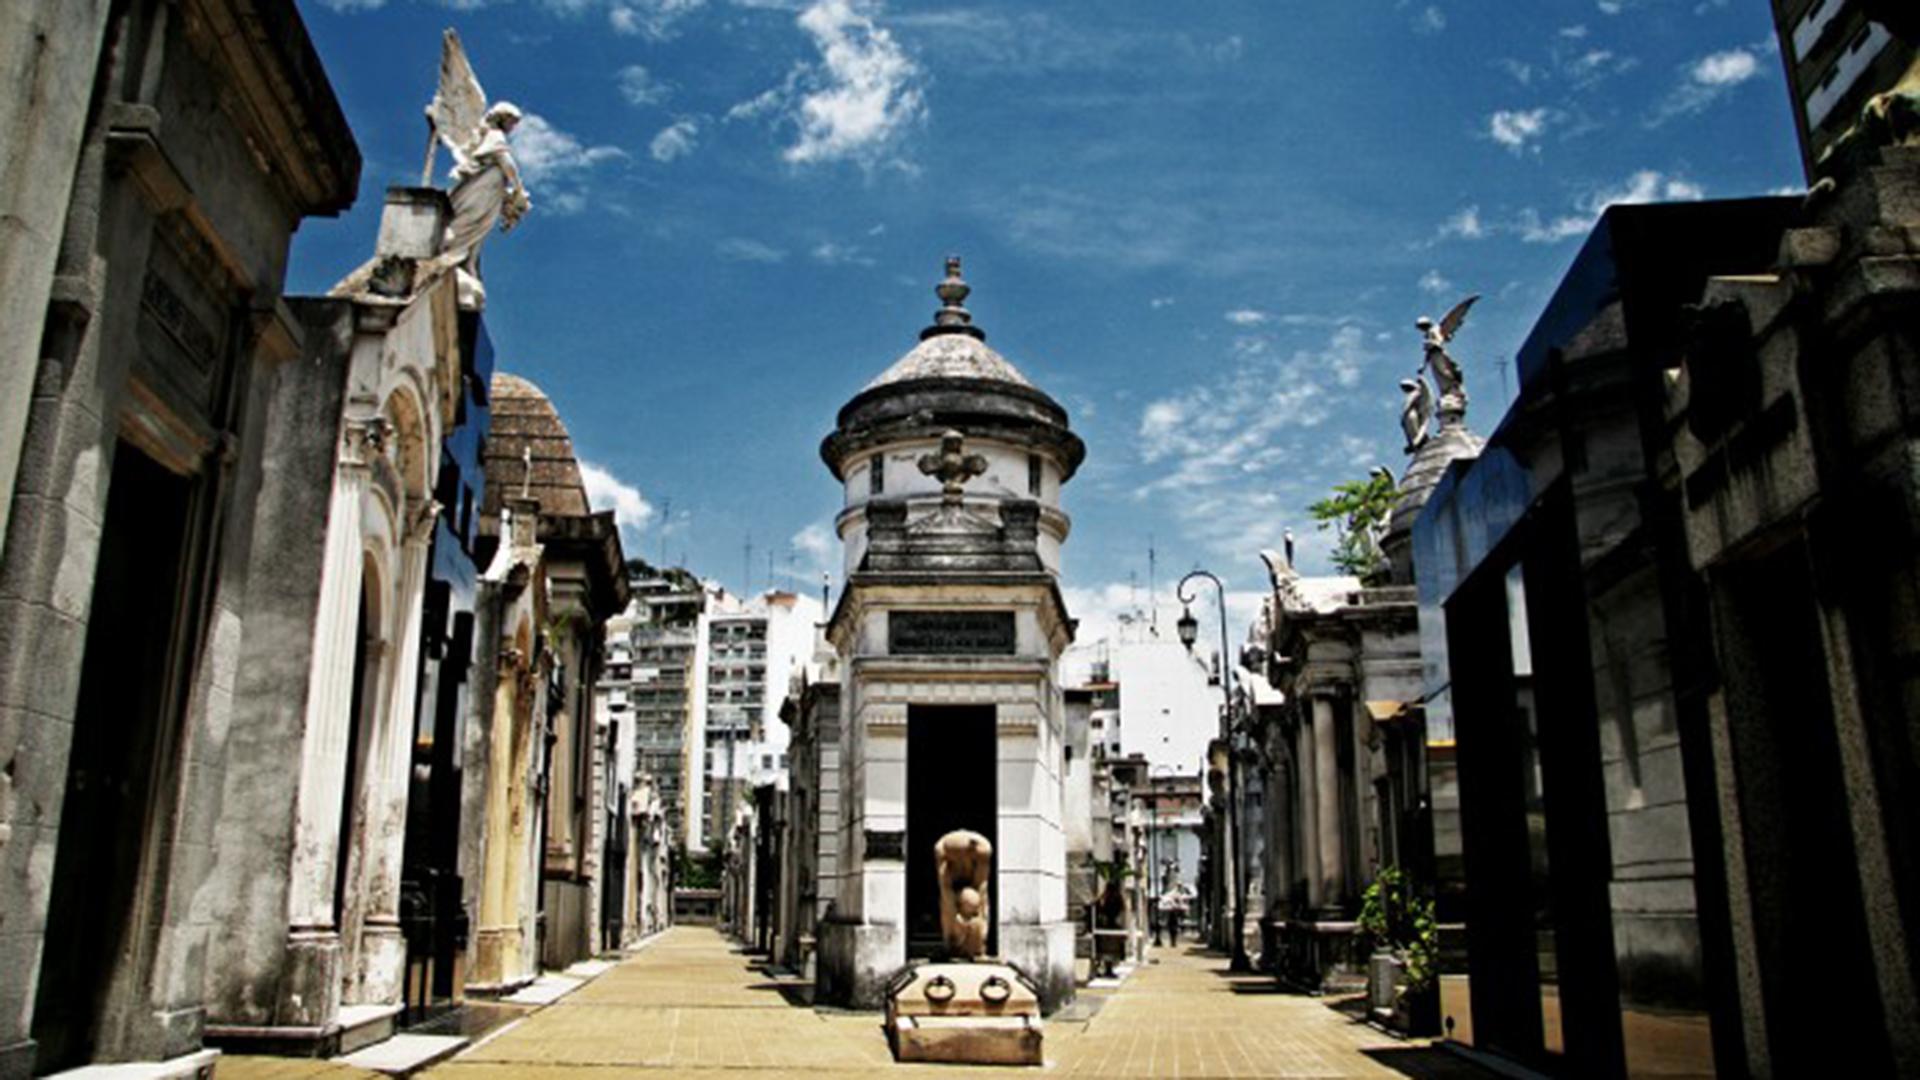 El Cementerio de Recoleta, uno de los sitios más emblemáticos de la Ciudad